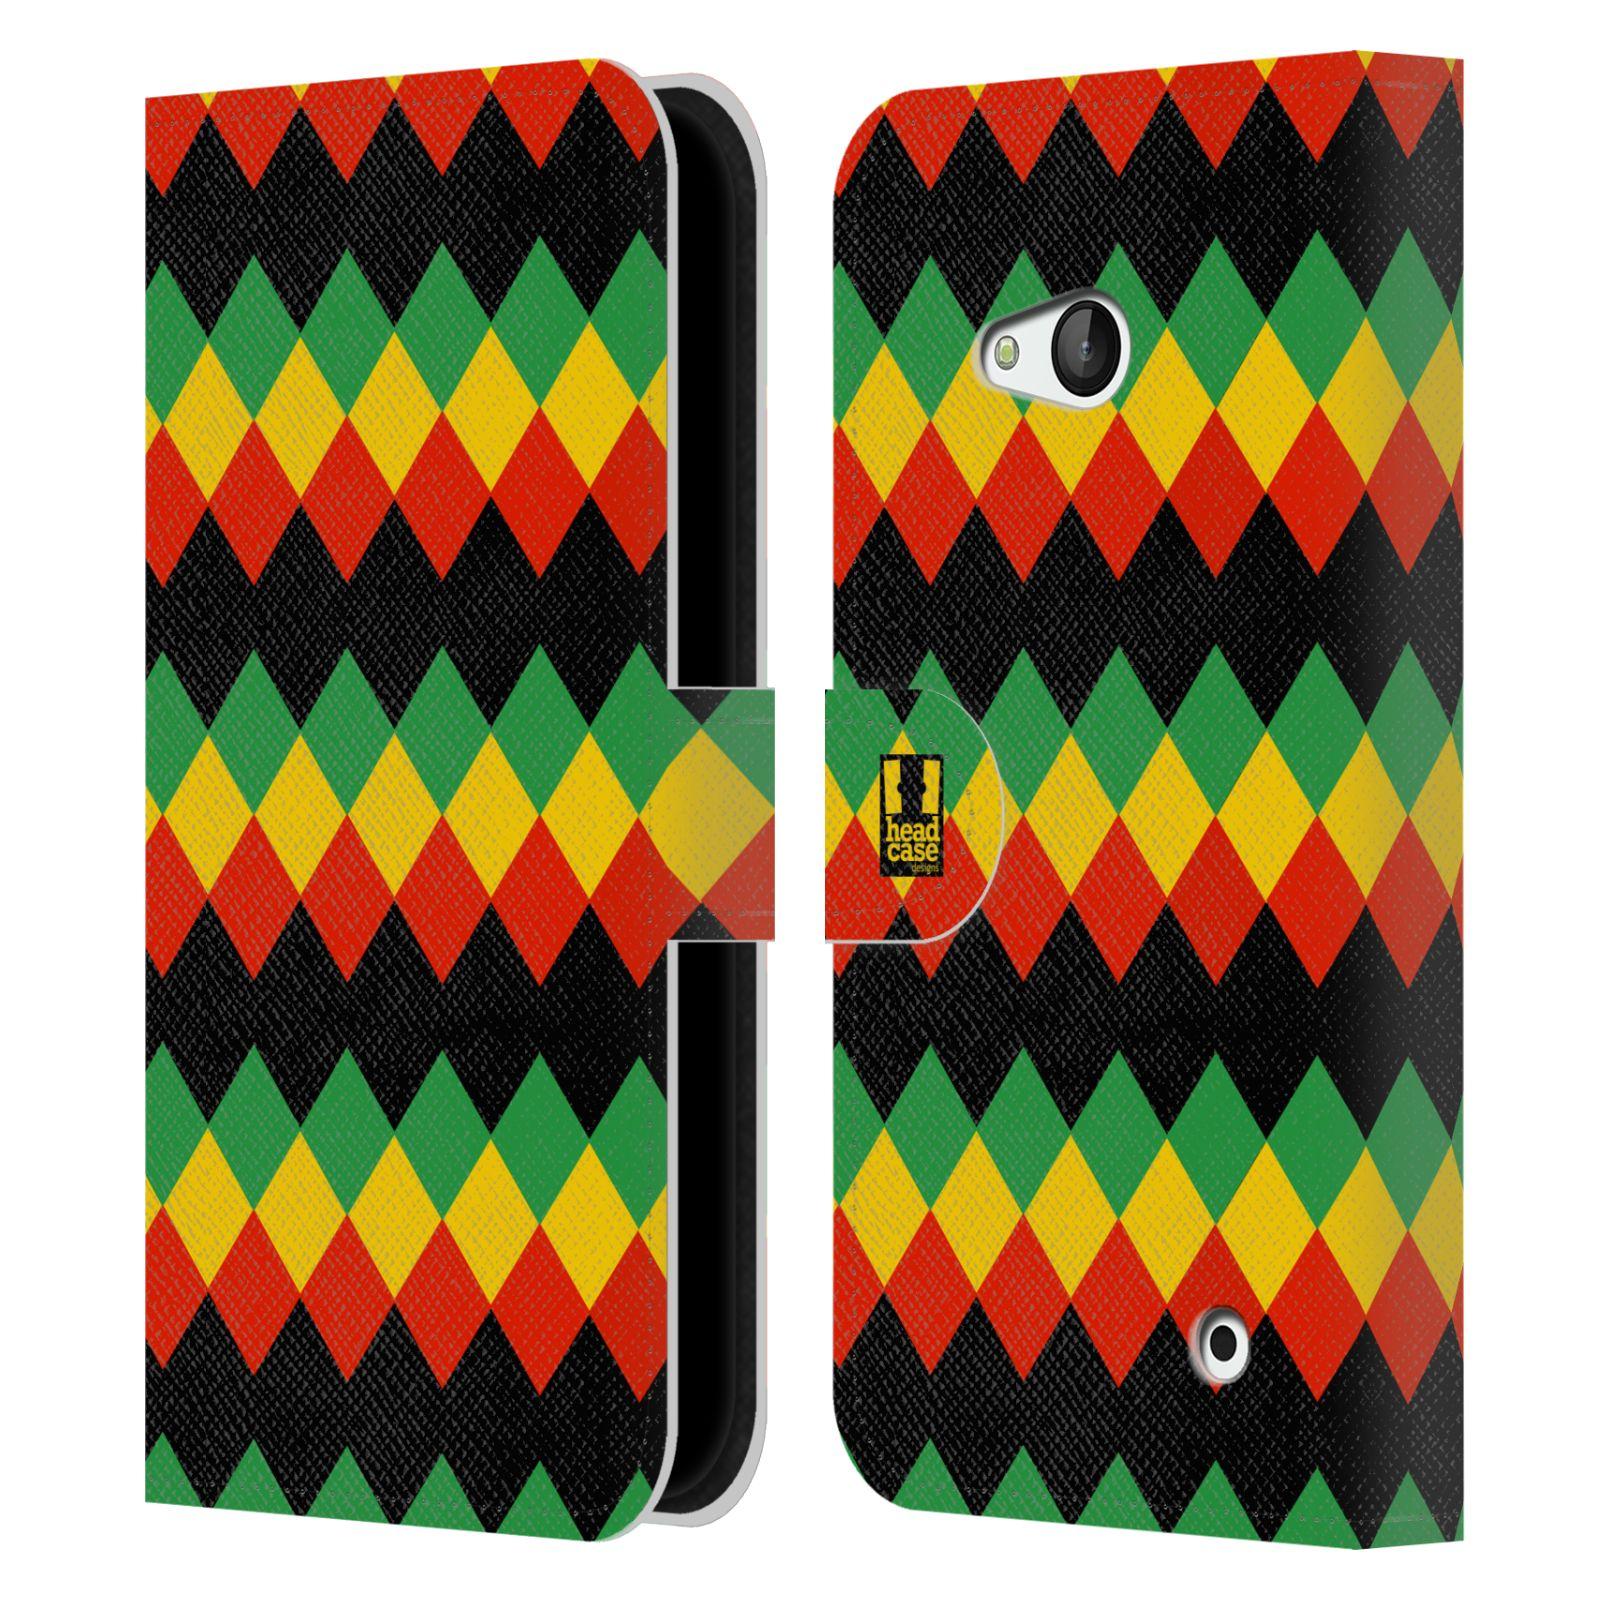 HEAD CASE Flipové pouzdro pro mobil NOKIA / MICROSOFT LUMIA 640 / LUMIA 640 DUAL Rastafariánský motiv Jamajka diamant